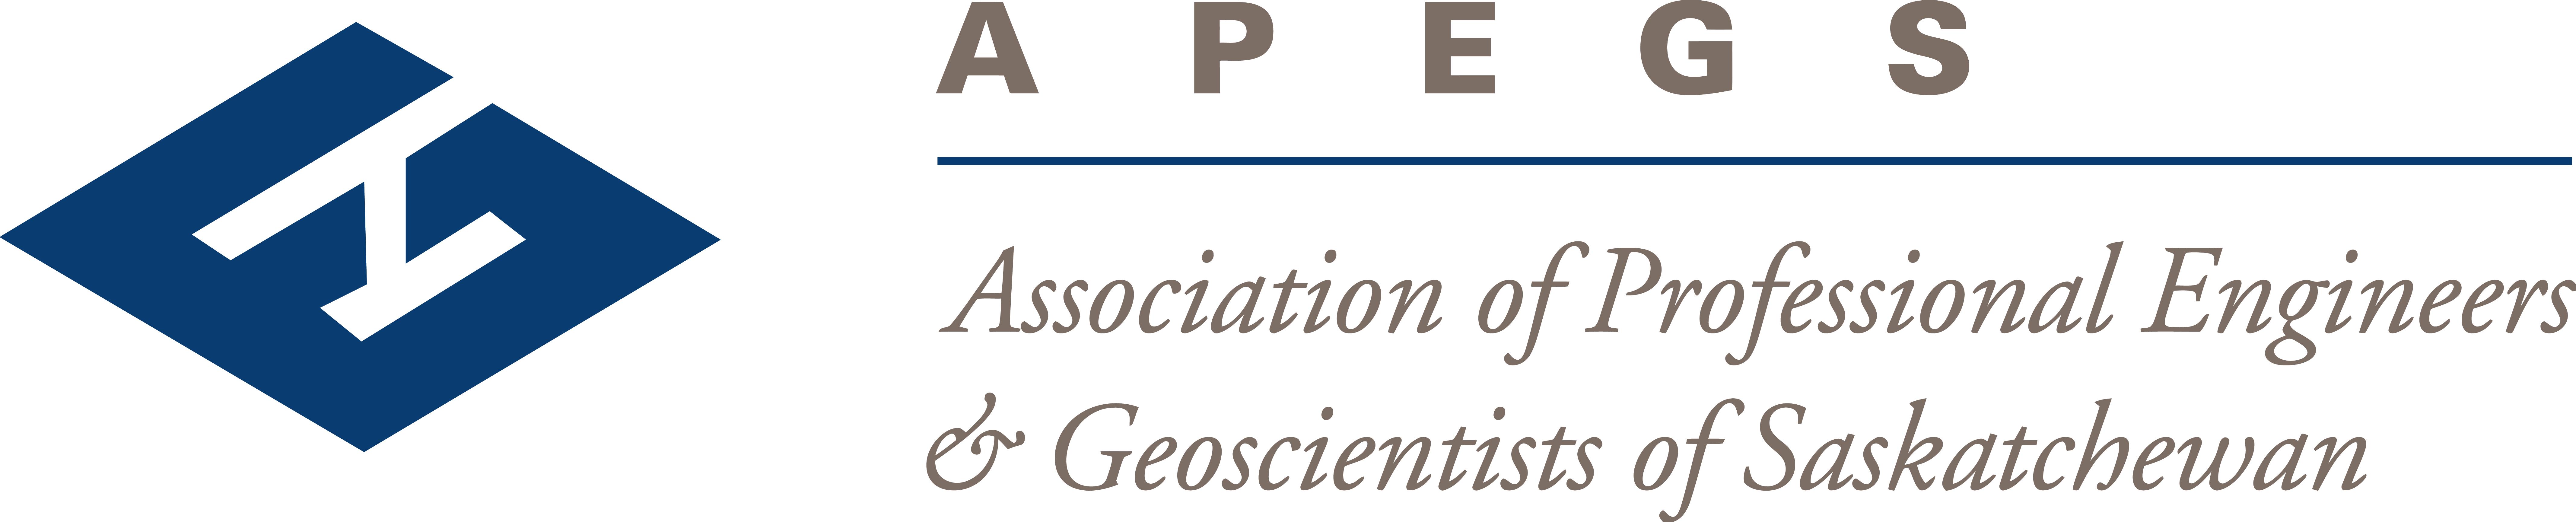 APEGS Certification